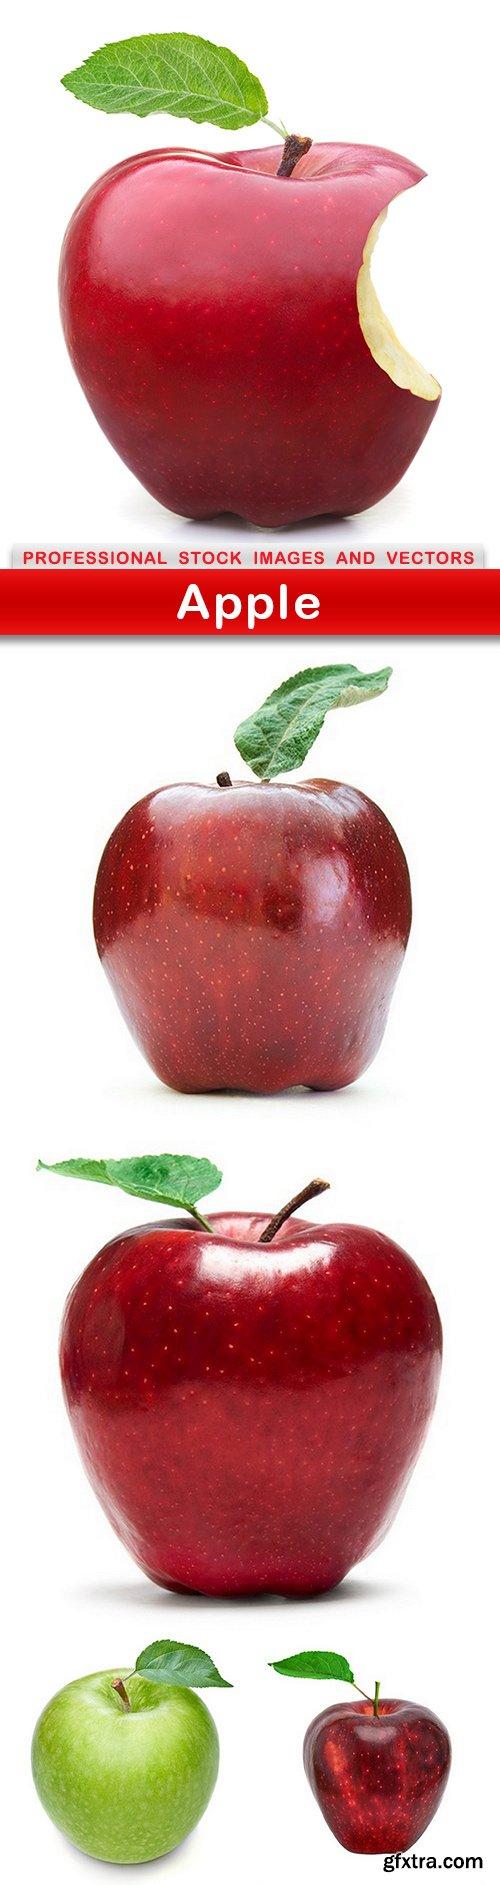 Apple - 5 UHQ JPEG